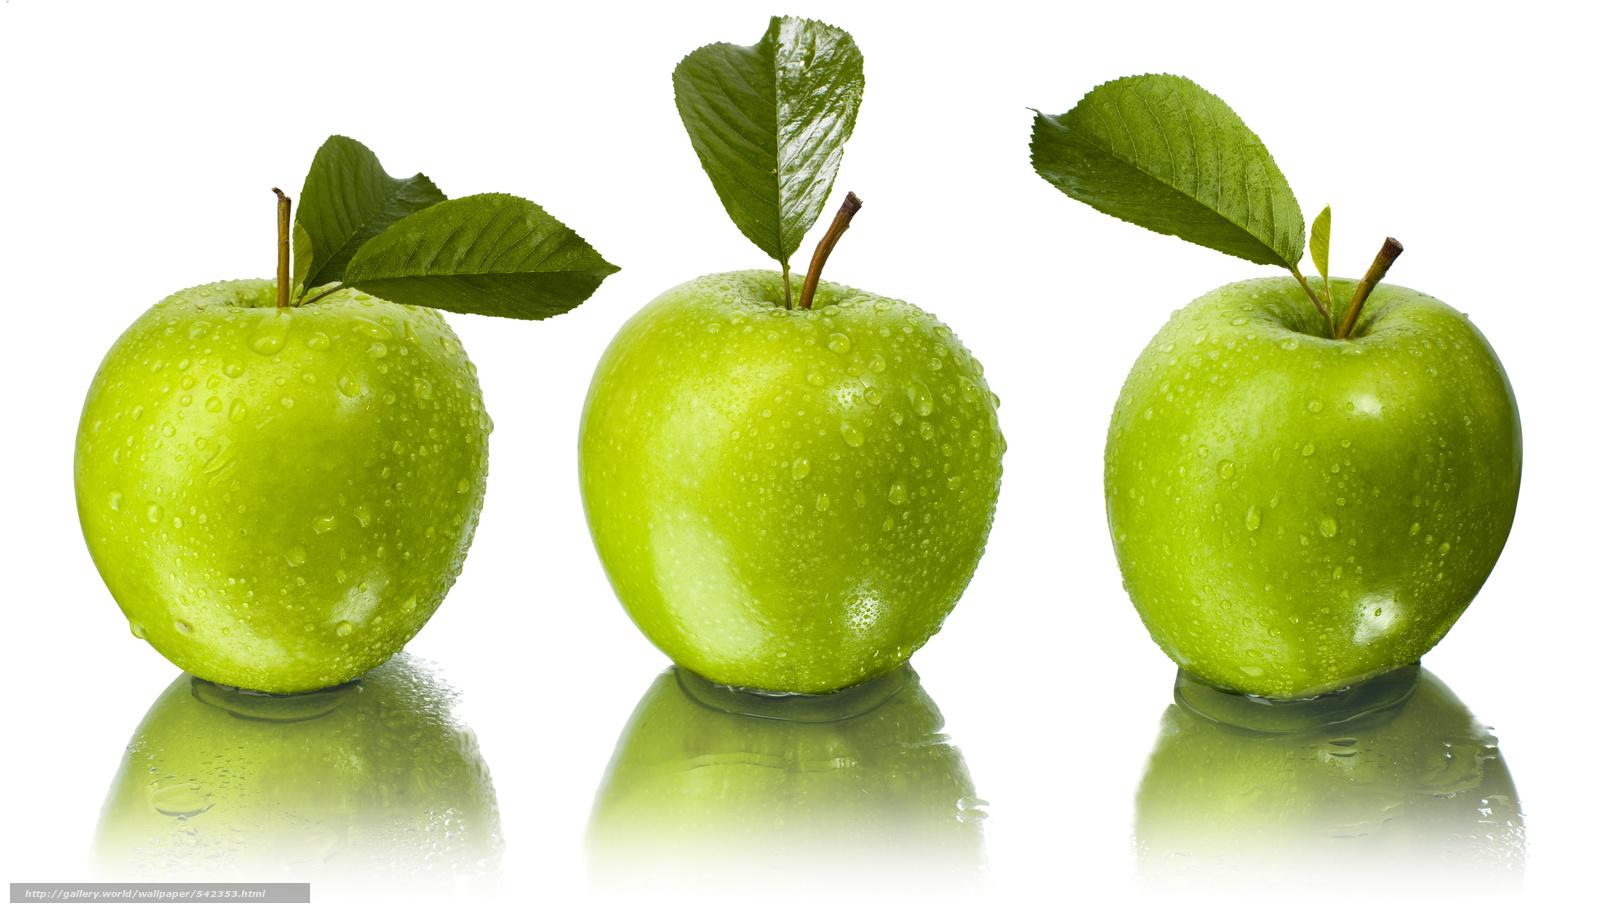 Download Hintergrund Apfel, gru00fcn, papper, Blatt Freie ...